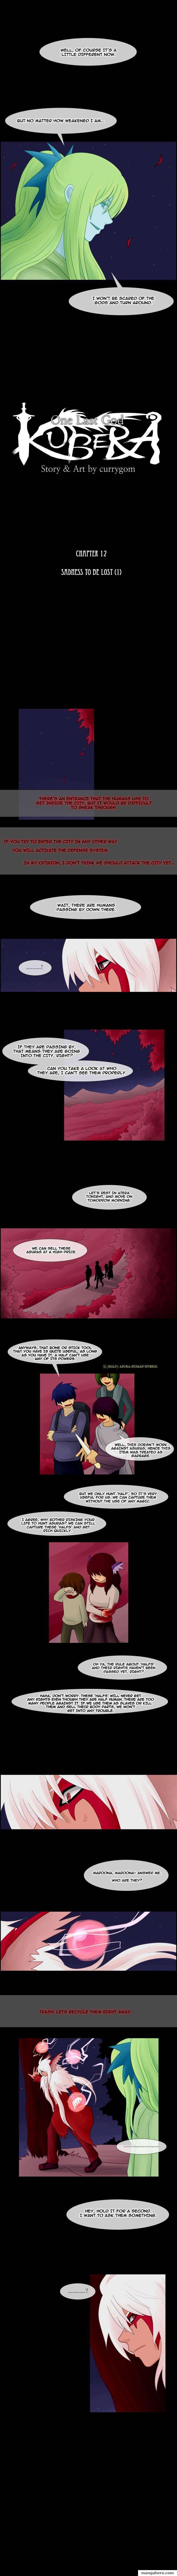 Kubera 12 Page 2